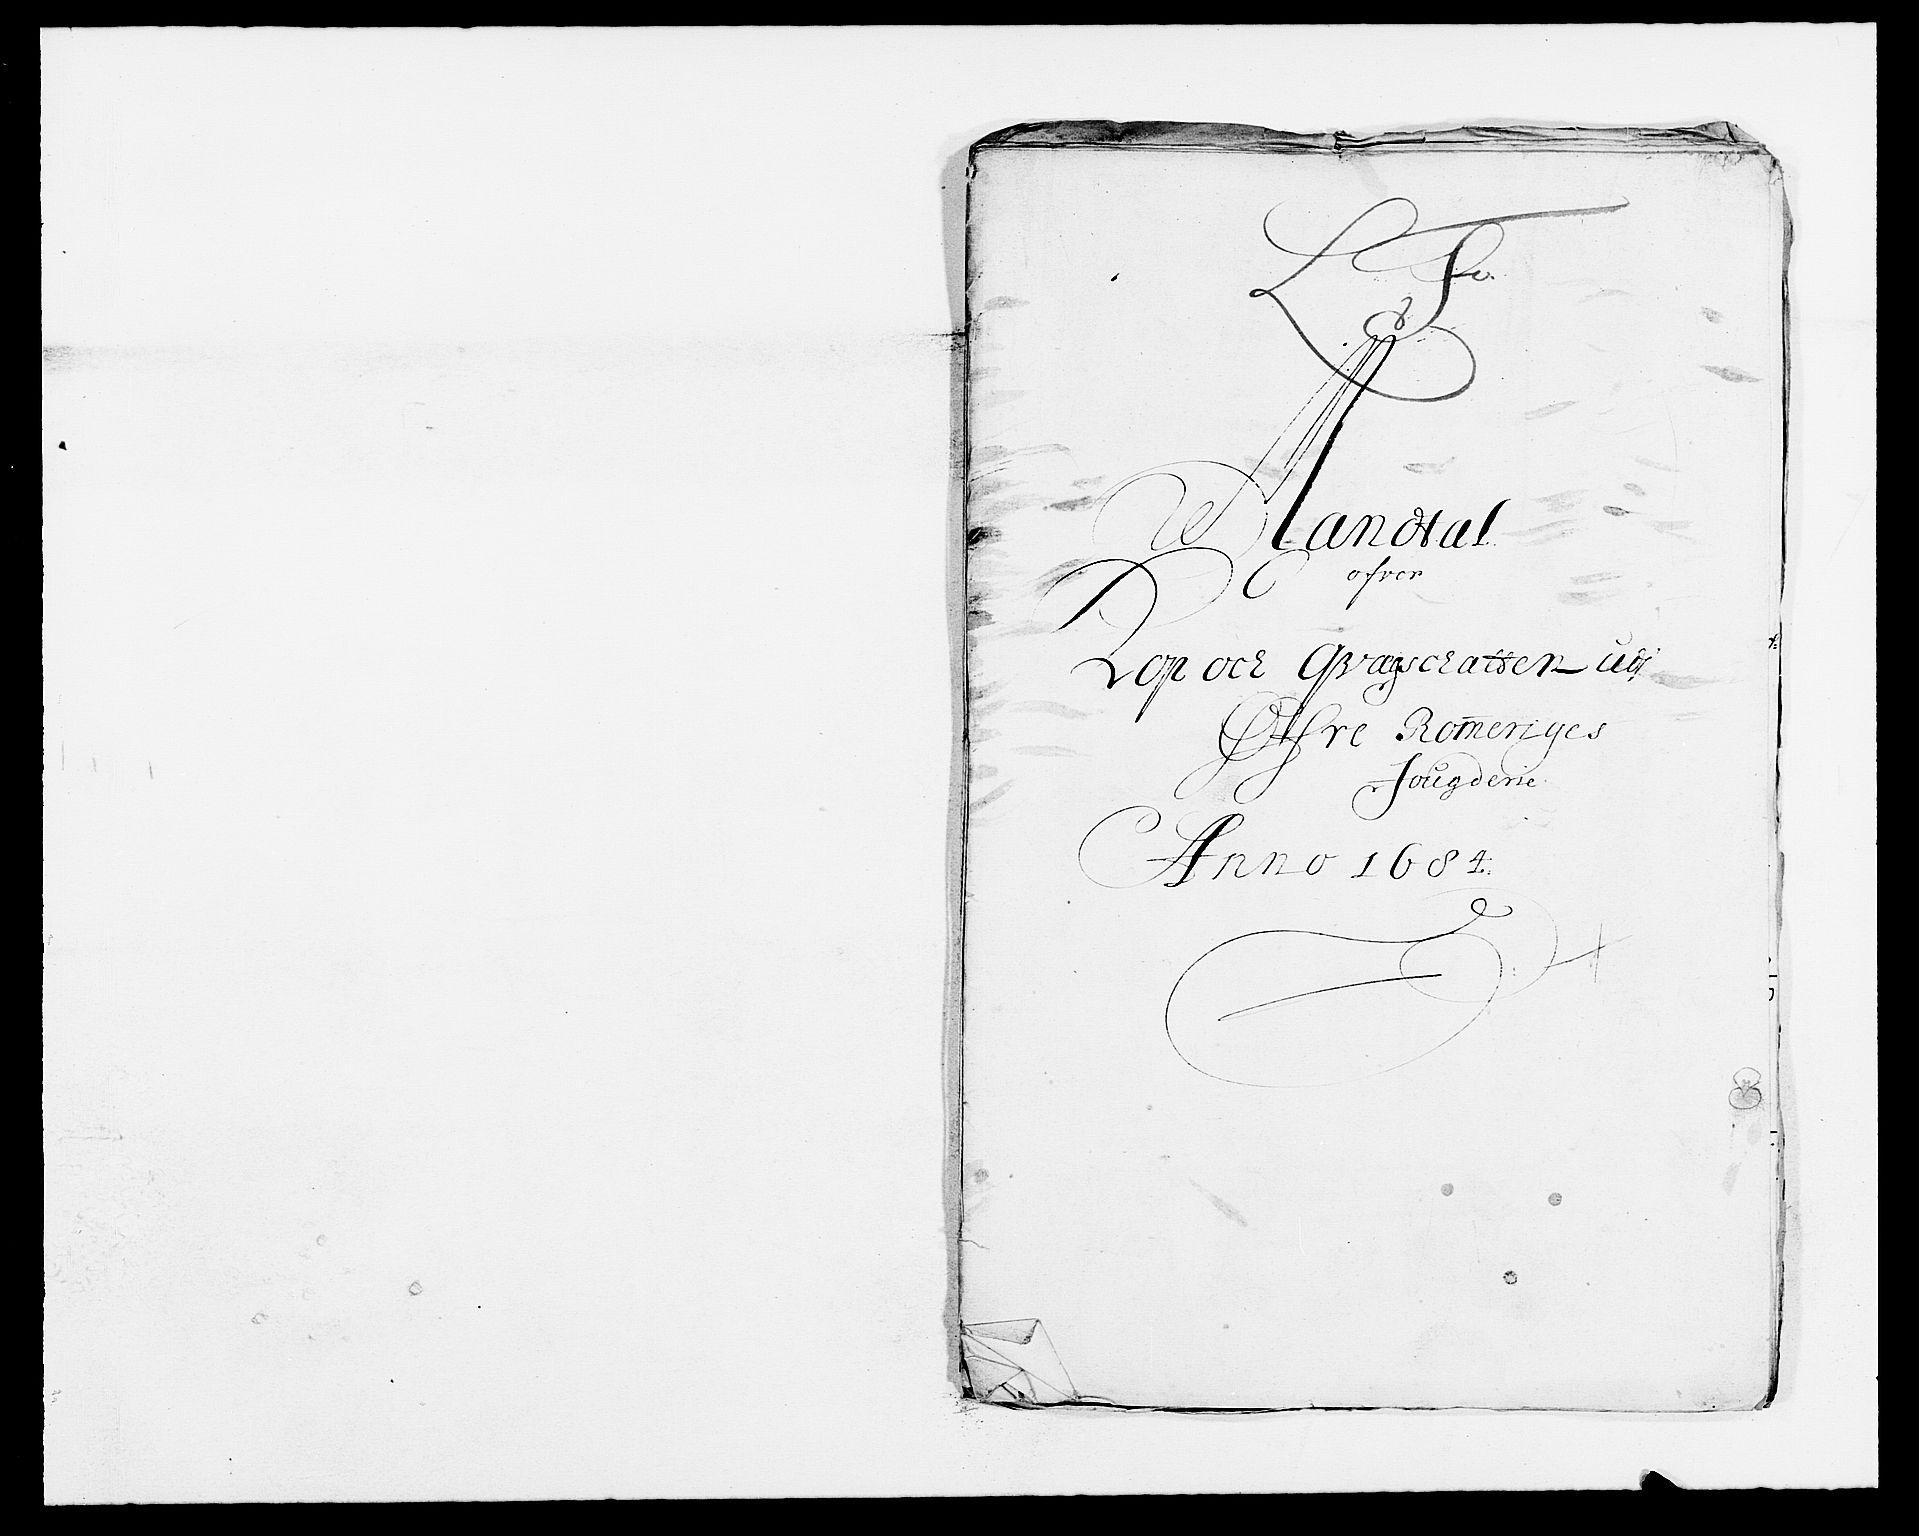 RA, Rentekammeret inntil 1814, Reviderte regnskaper, Fogderegnskap, R12/L0698: Fogderegnskap Øvre Romerike, 1684, s. 72